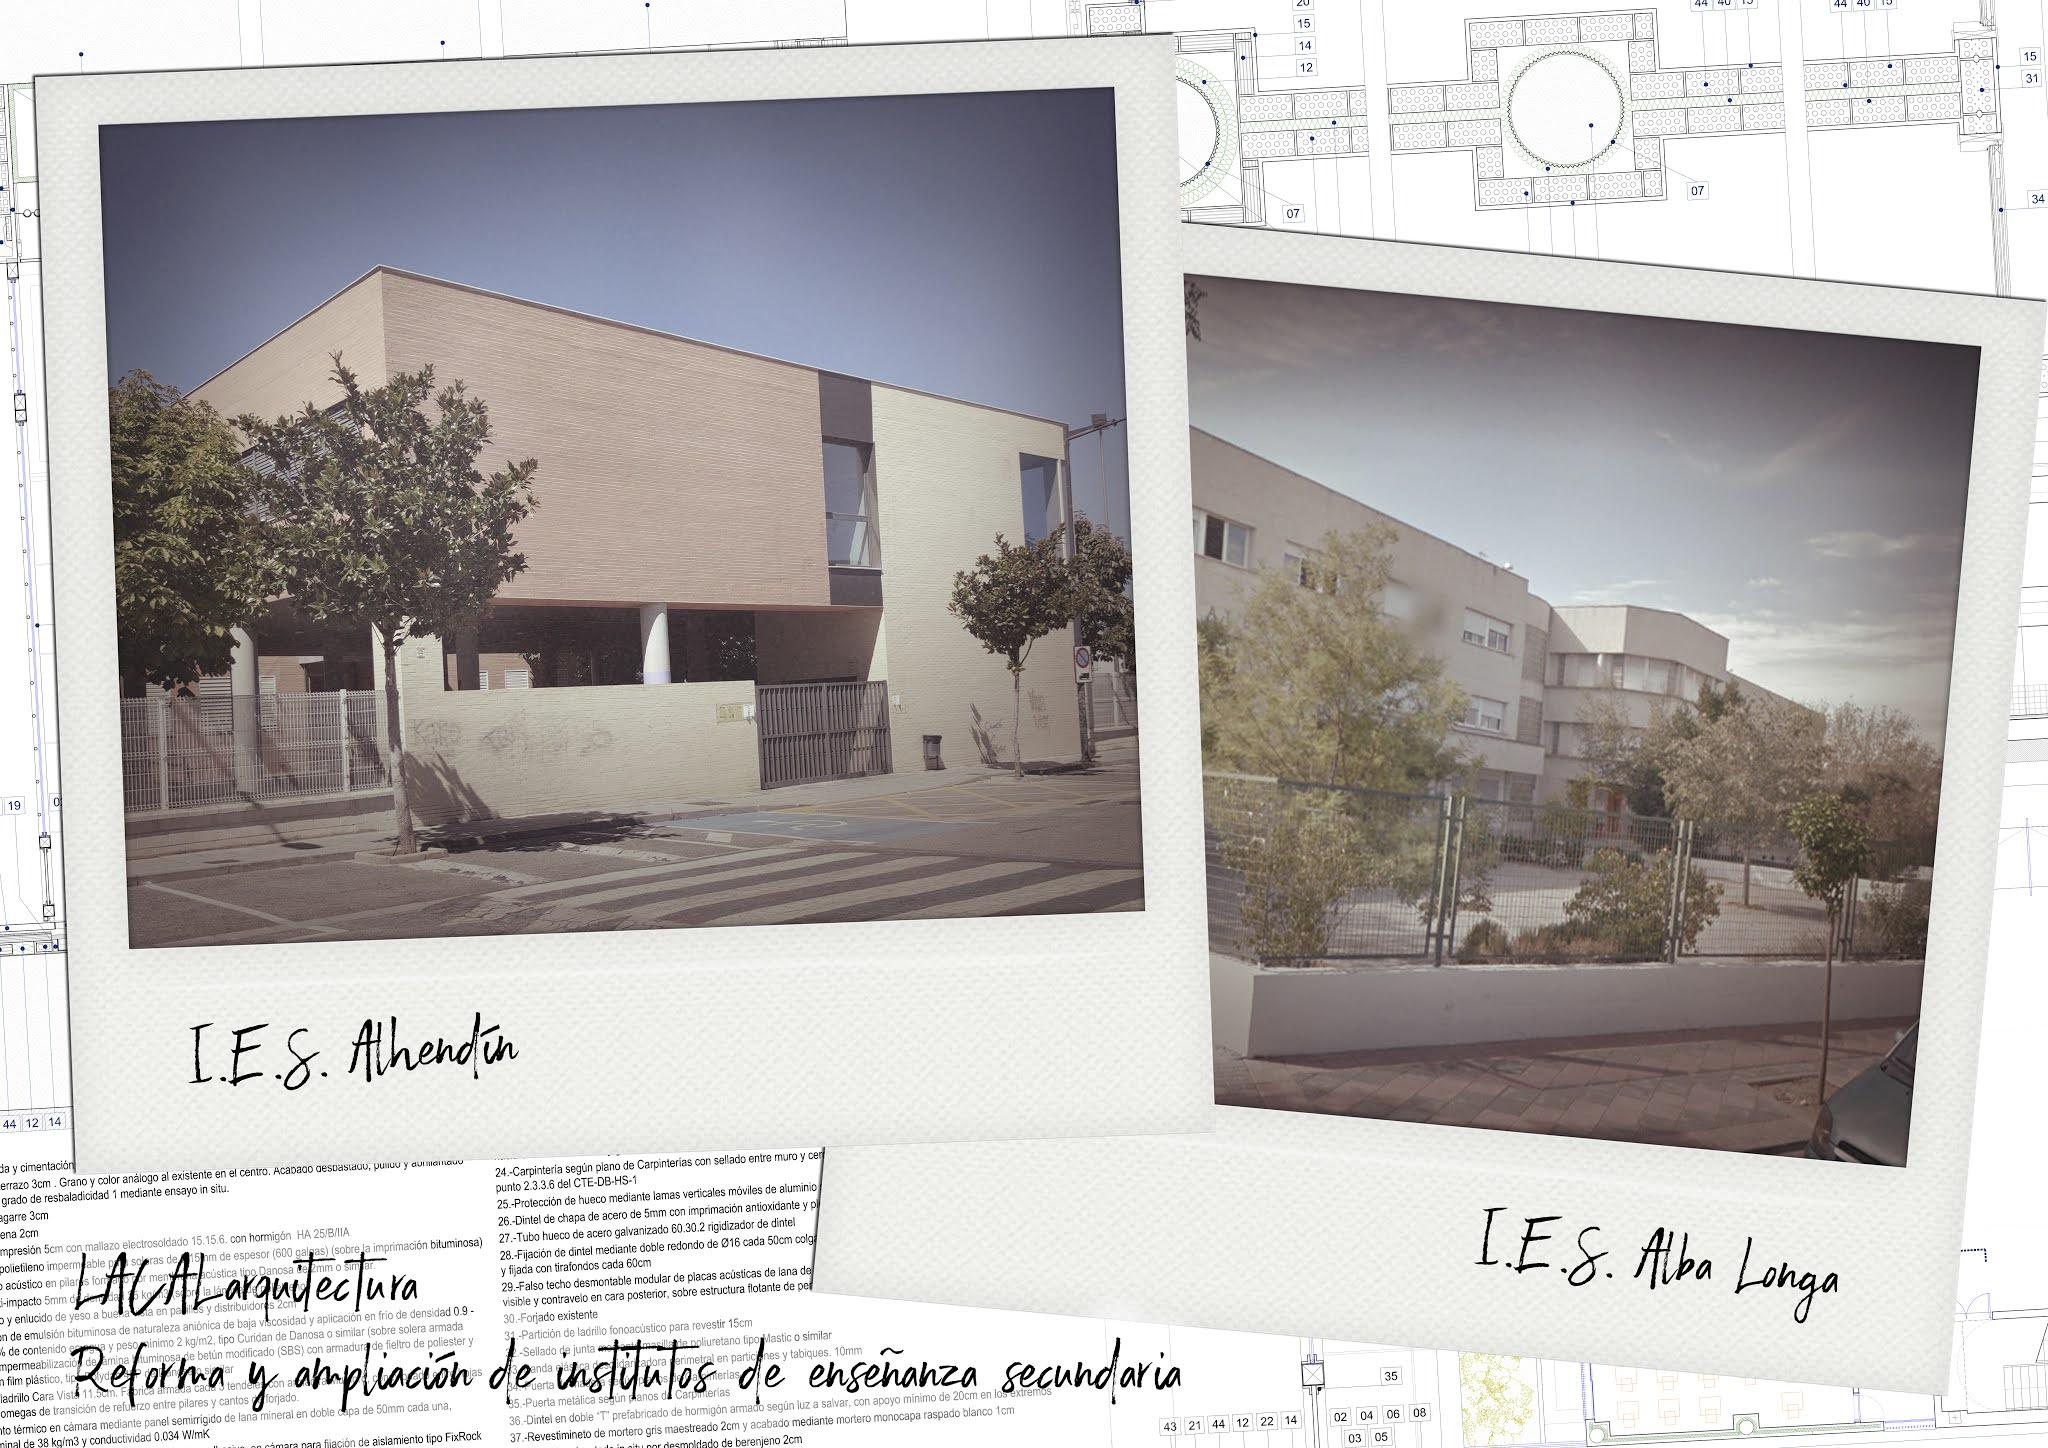 LACAL arquitectura. Arquitectos Granada. Javier Antonio Ros López, arquitecto. Daniel Cano Expósito, arquitecto. Ampliación de IES Alhendín y Alba Longa